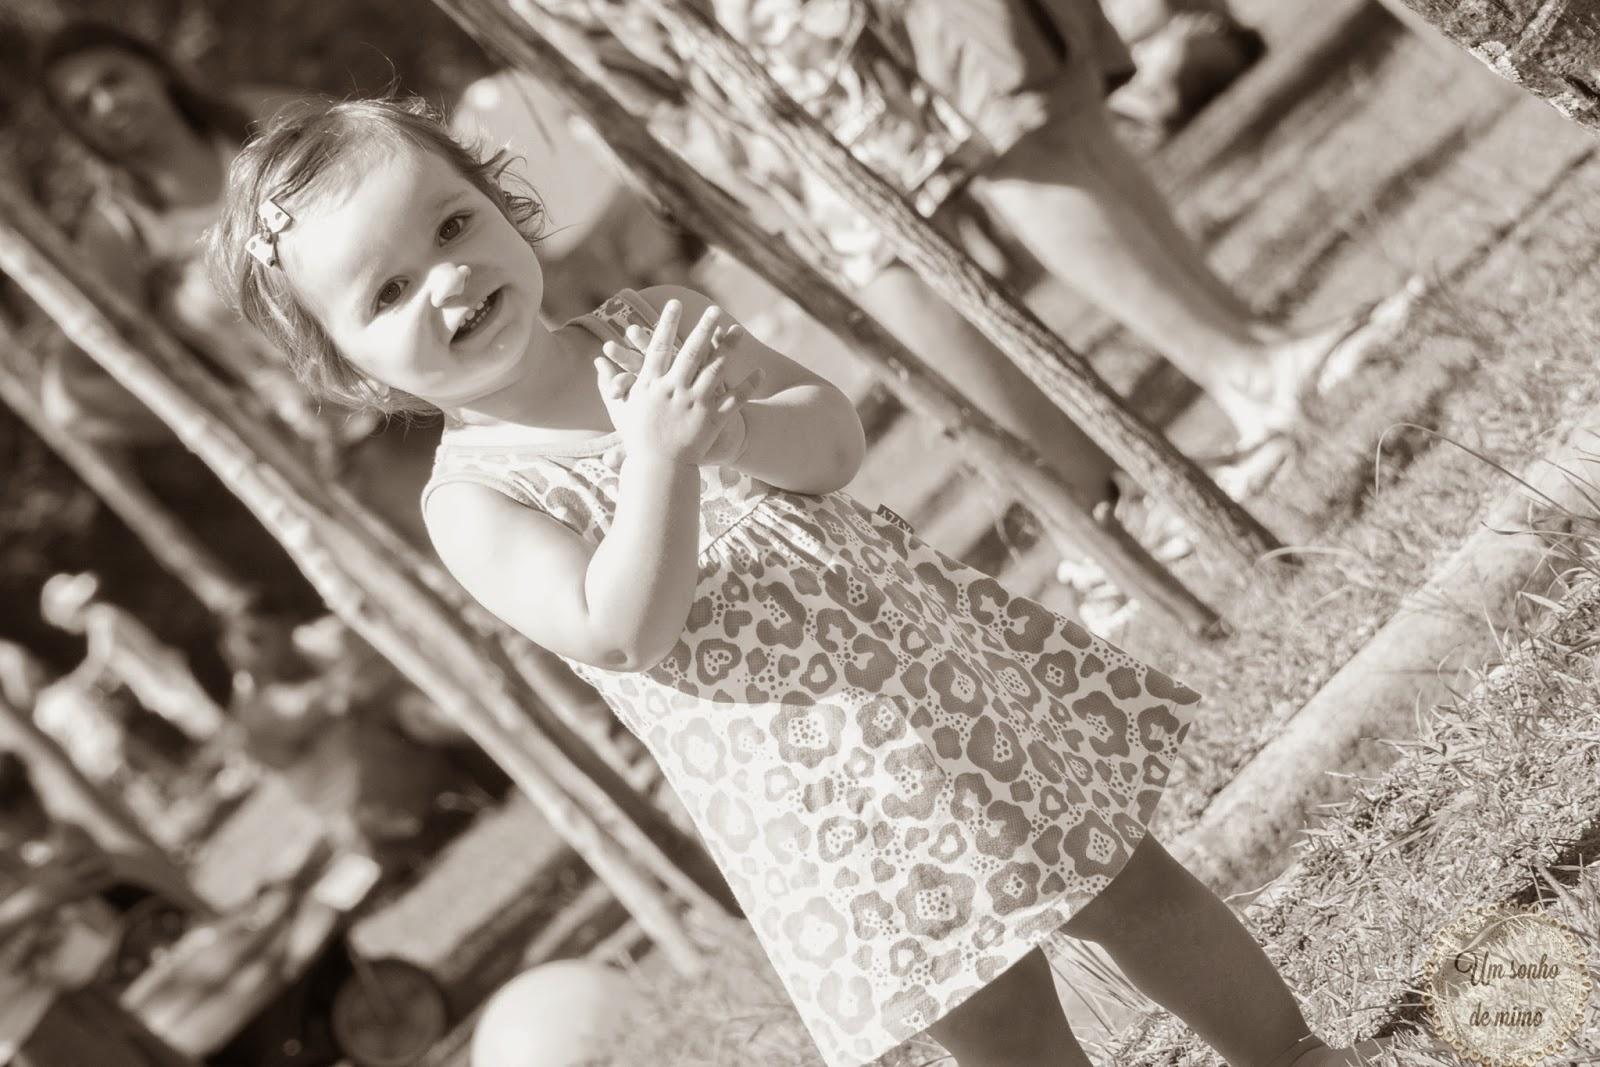 fotografia bh, fotografia belo horizonte, fotografia infantil bh, fotografia infantil belo horizonte, um sonho de mimo